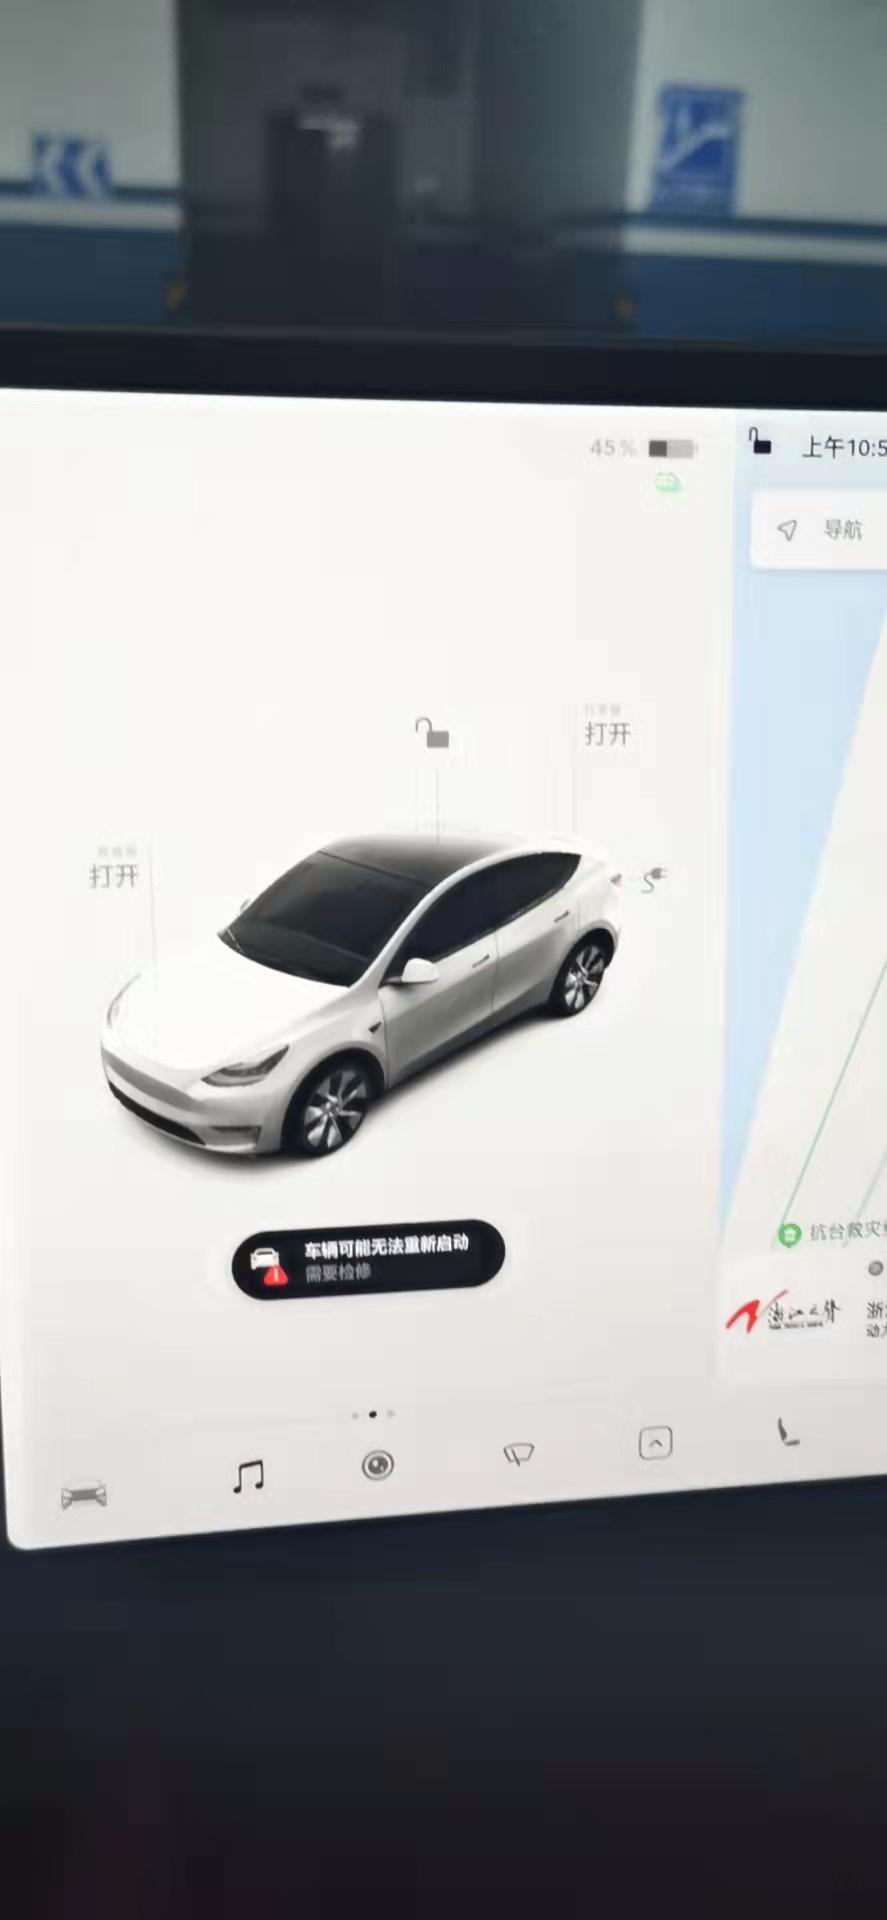 特斯拉Model Y新車保險絲燒掉出現車輛無法啟動問題,造成汽車存在嚴重的電氣安全隱患